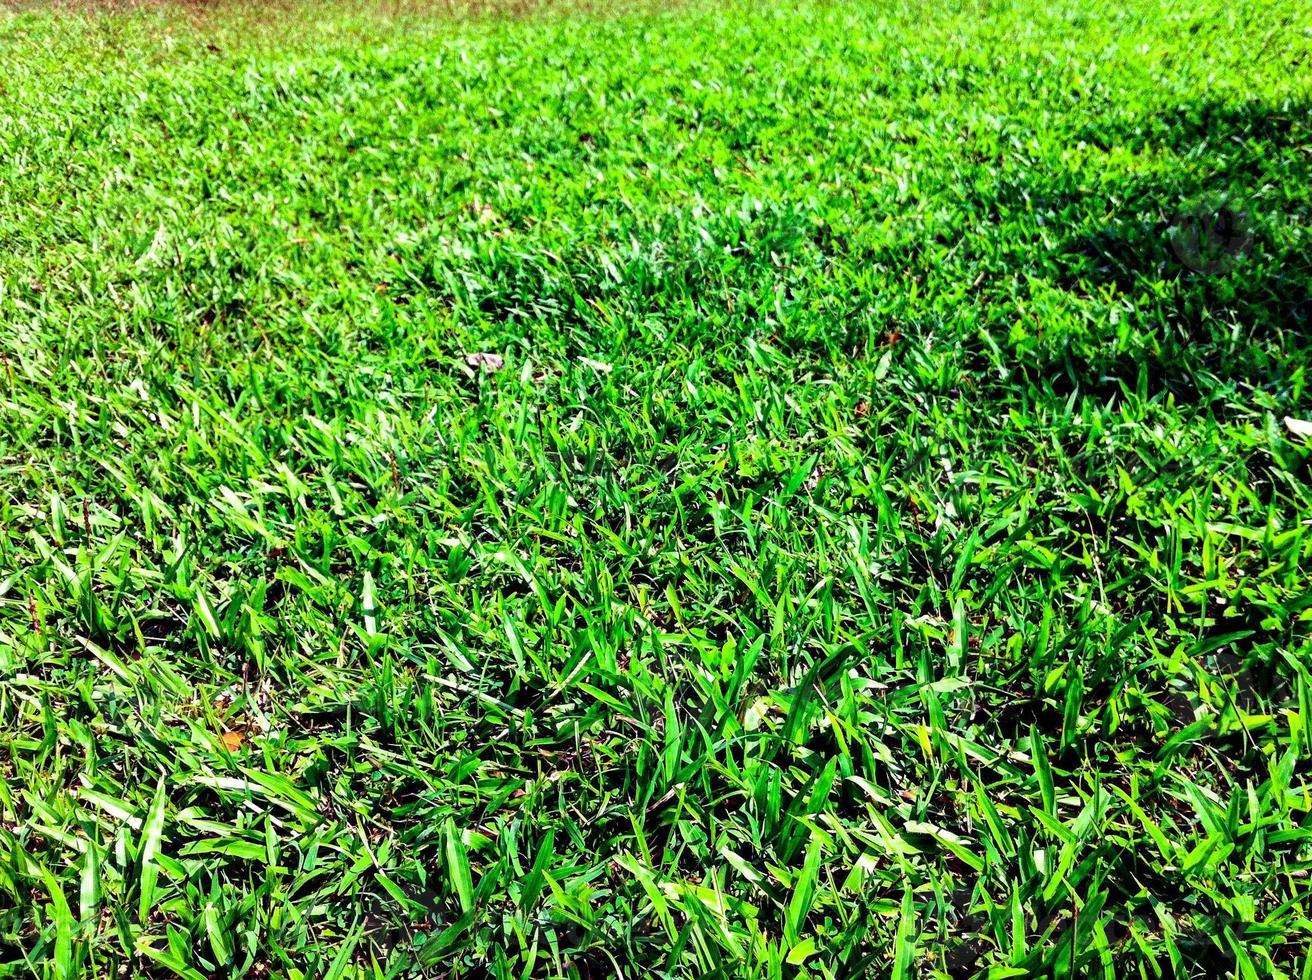 pelouse verte dans le jardin magnifique photo